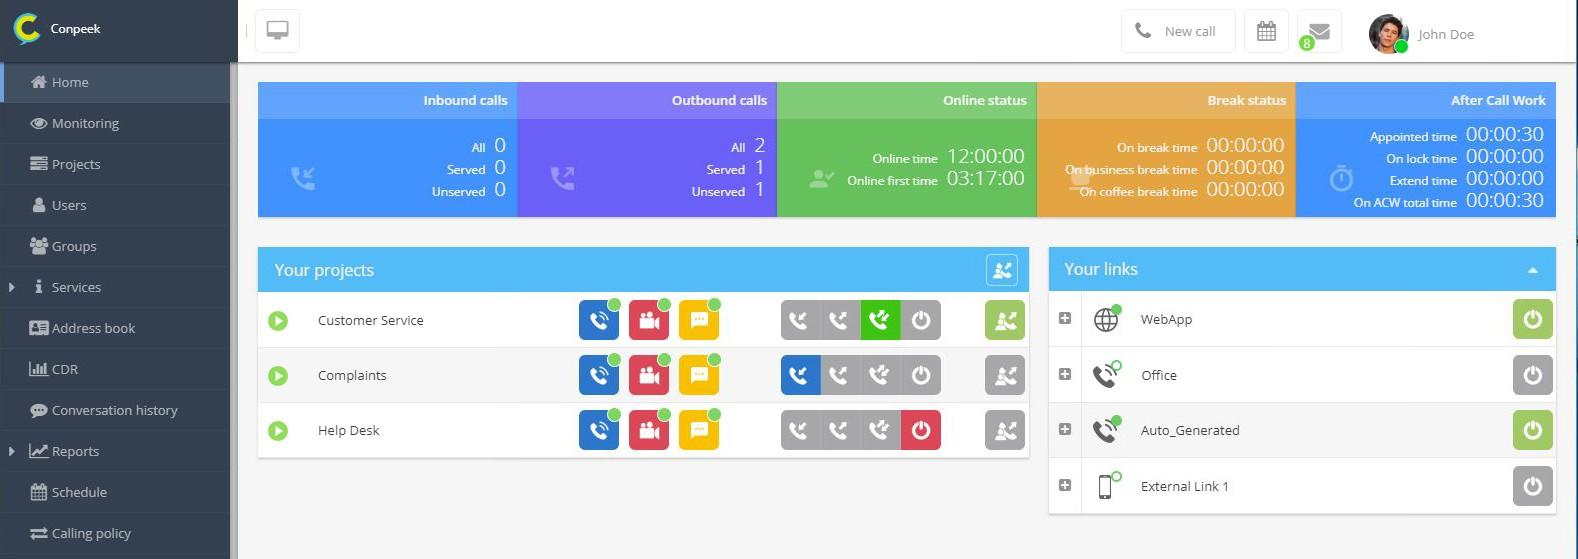 Panel systemu contact center jest responsywny i umożliwia wygodne korzystanie z aplikacji zarówno na komputerze PC, laptopie, jak i tablecie